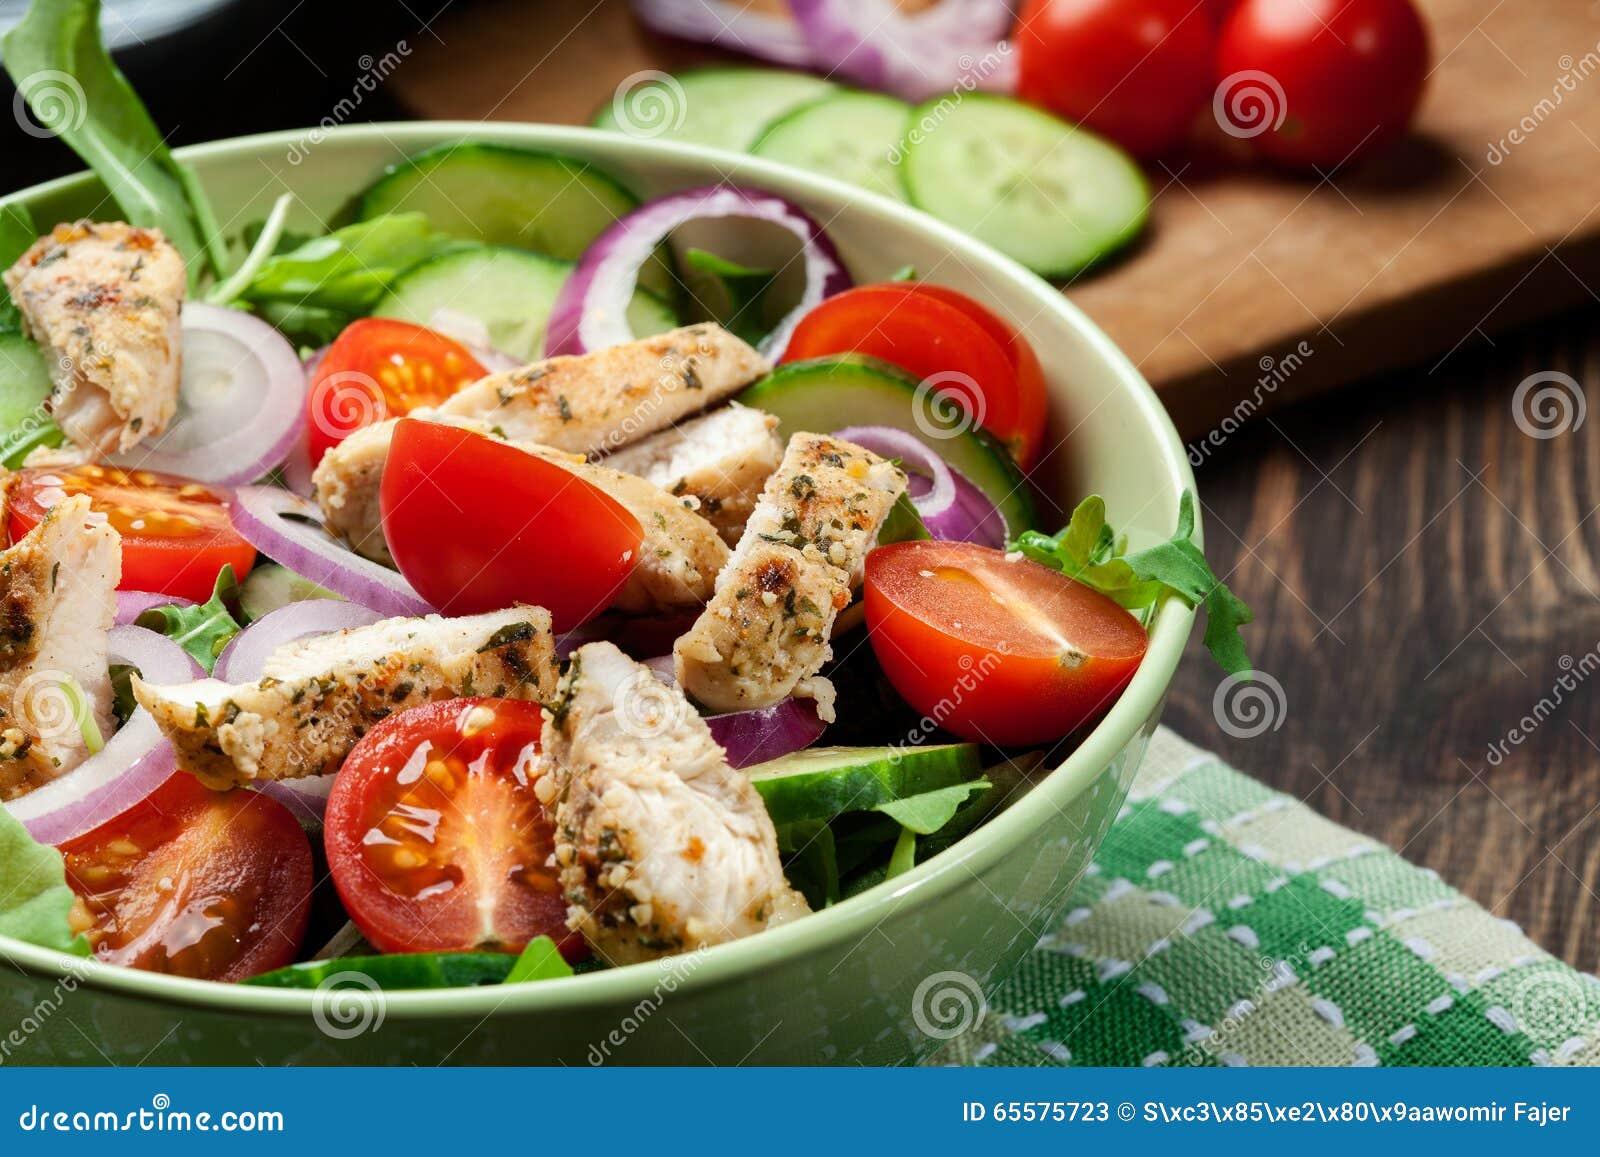 与鸡、蕃茄和芝麻菜的新鲜的沙拉在板材